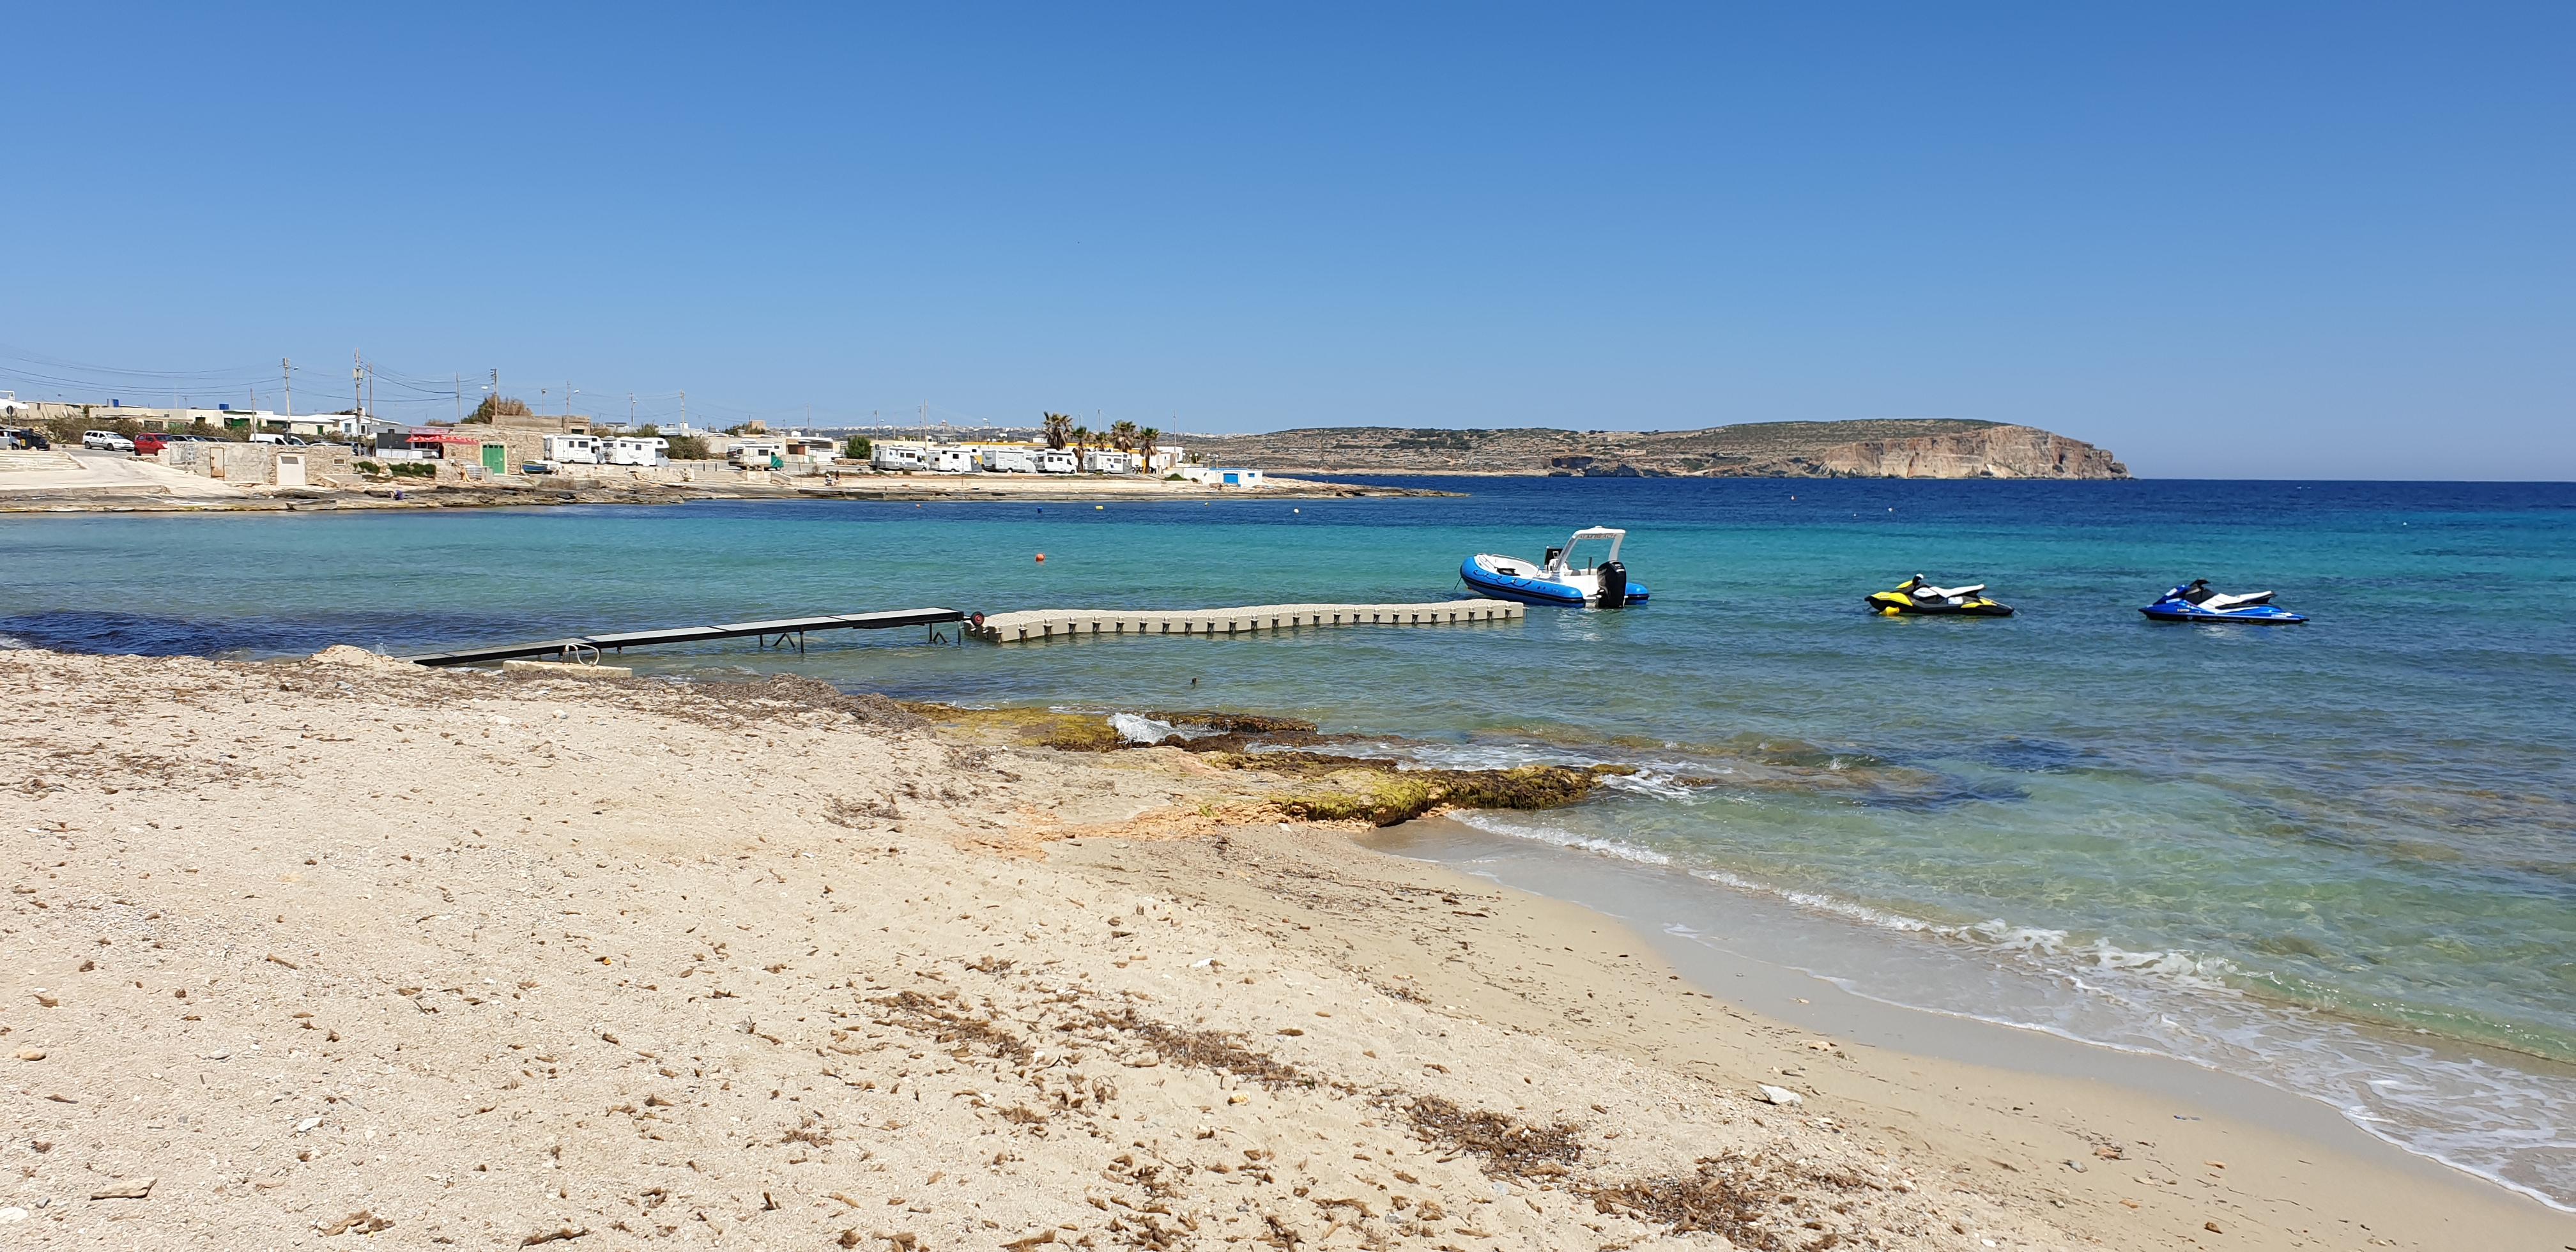 Мальта Июнь 2019